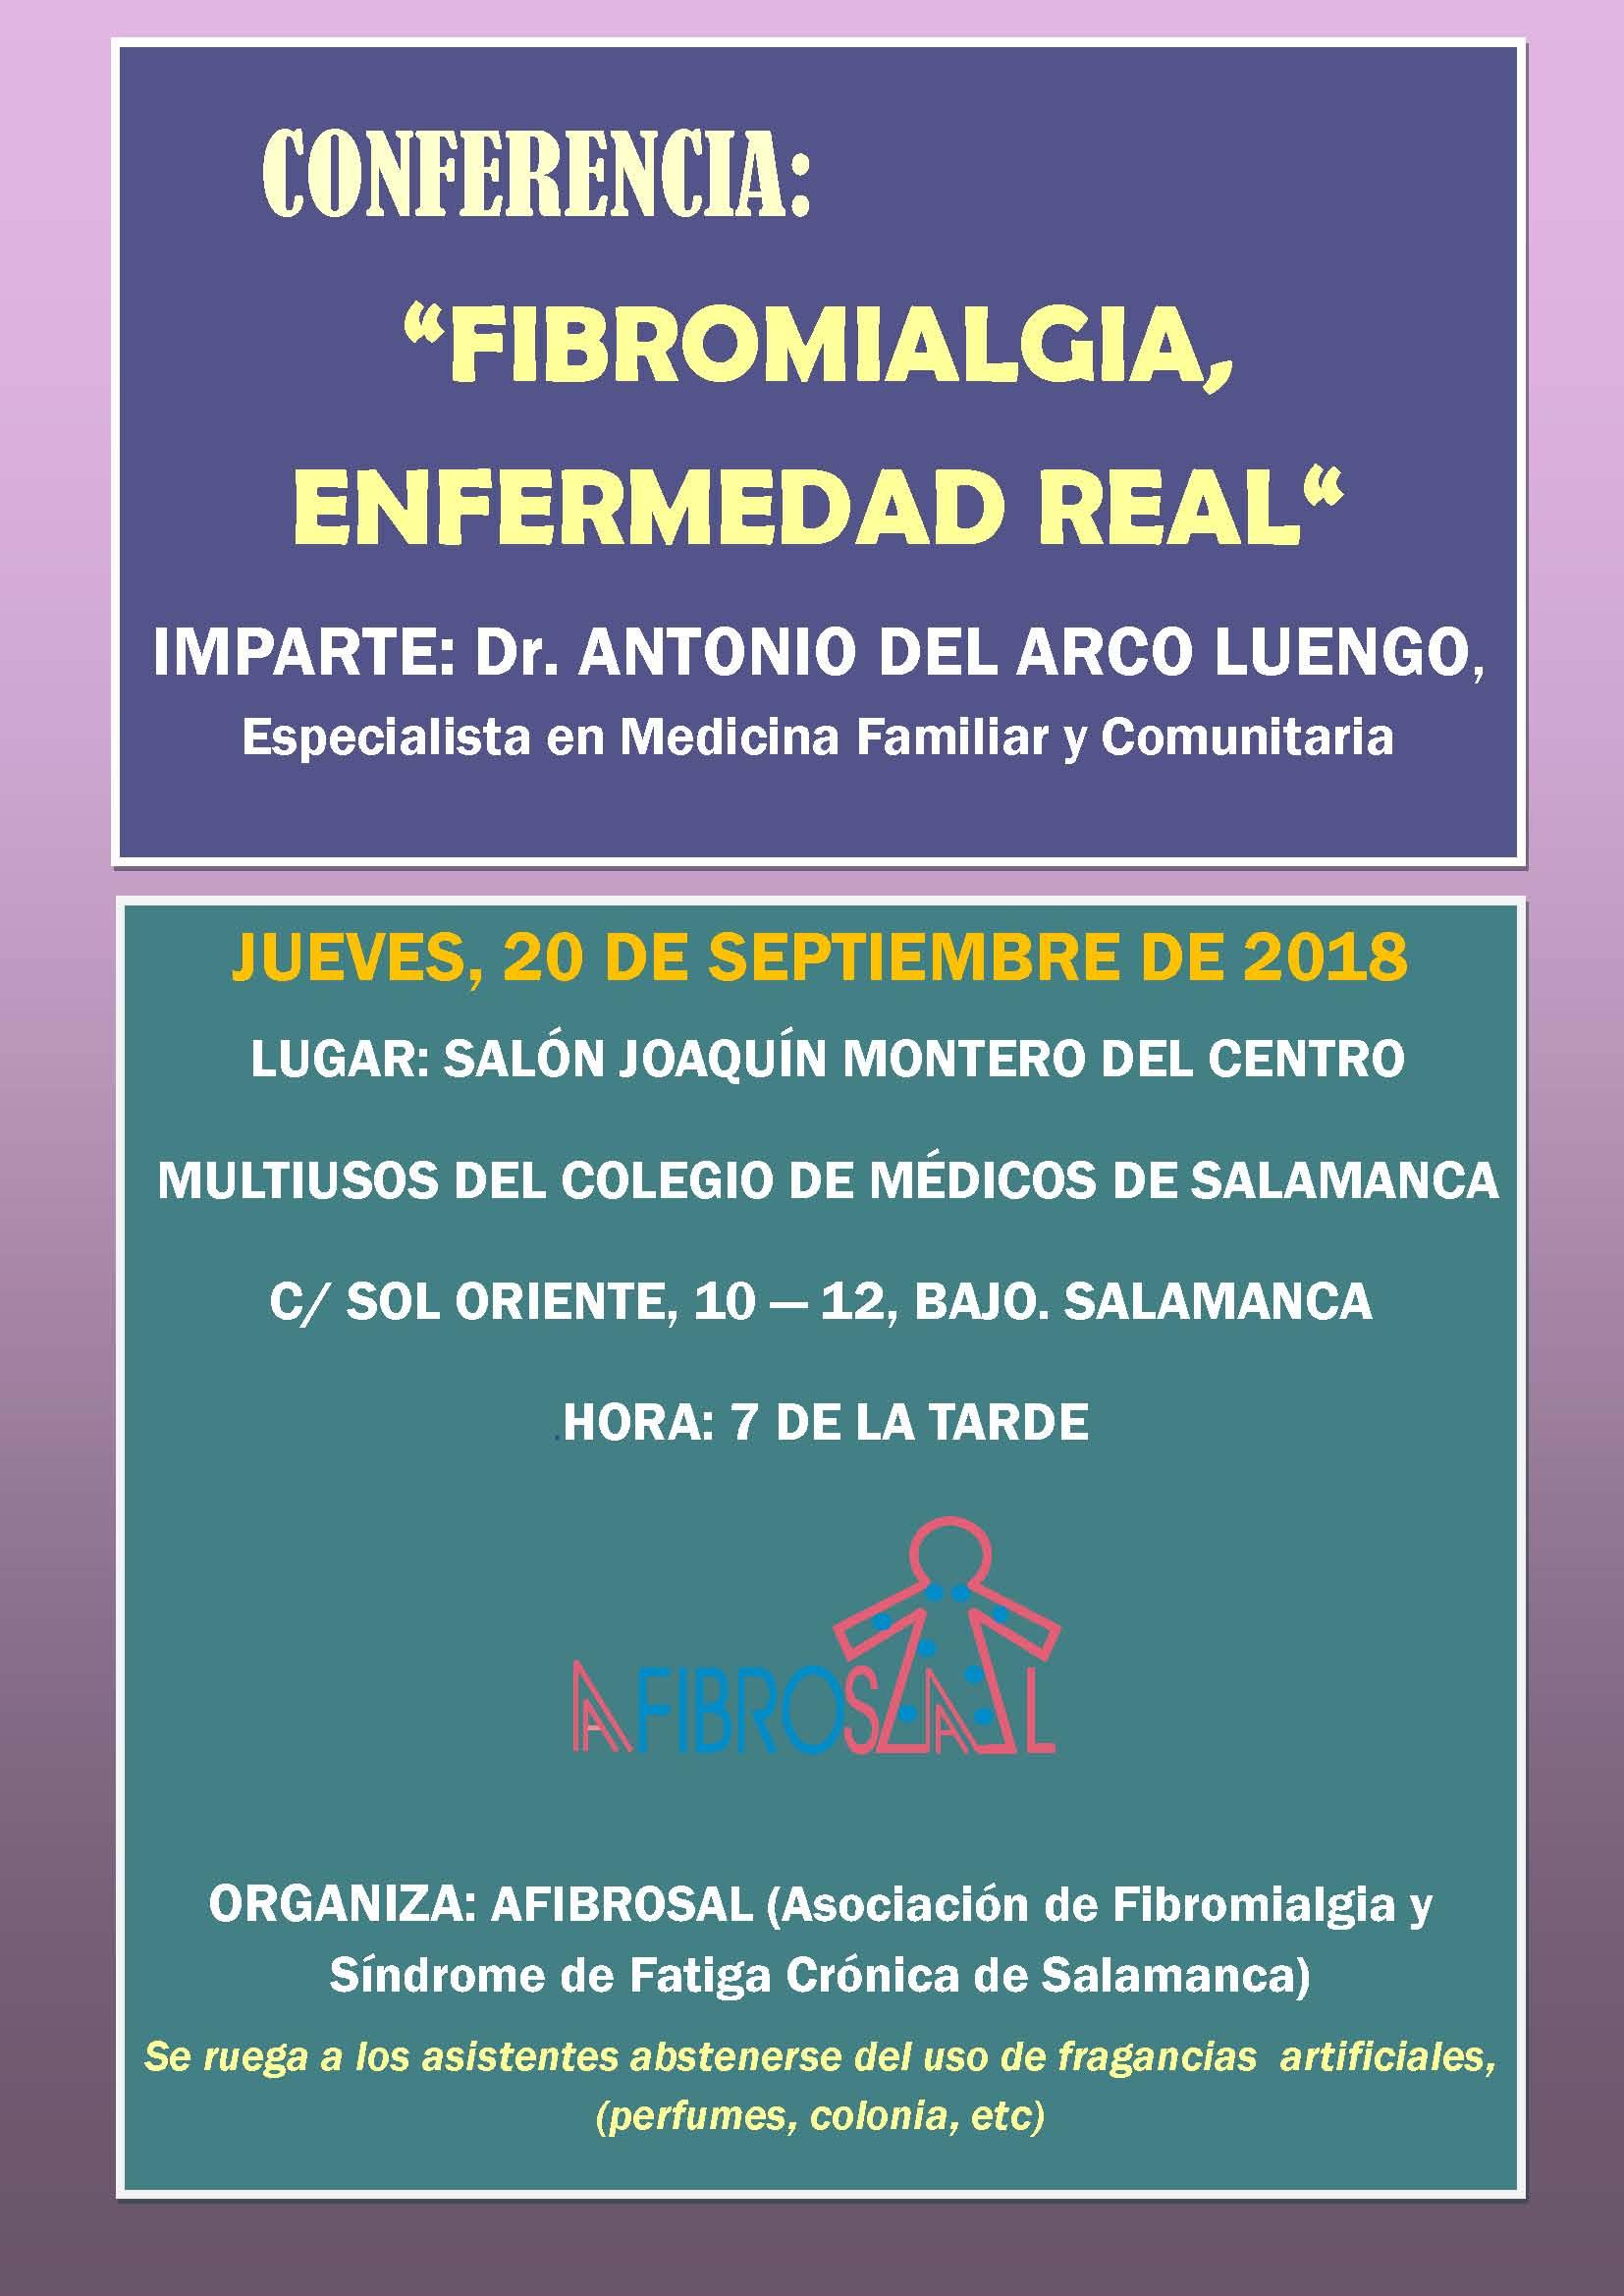 """Conferencia: """"Fibromialgia, enfermedad real"""""""